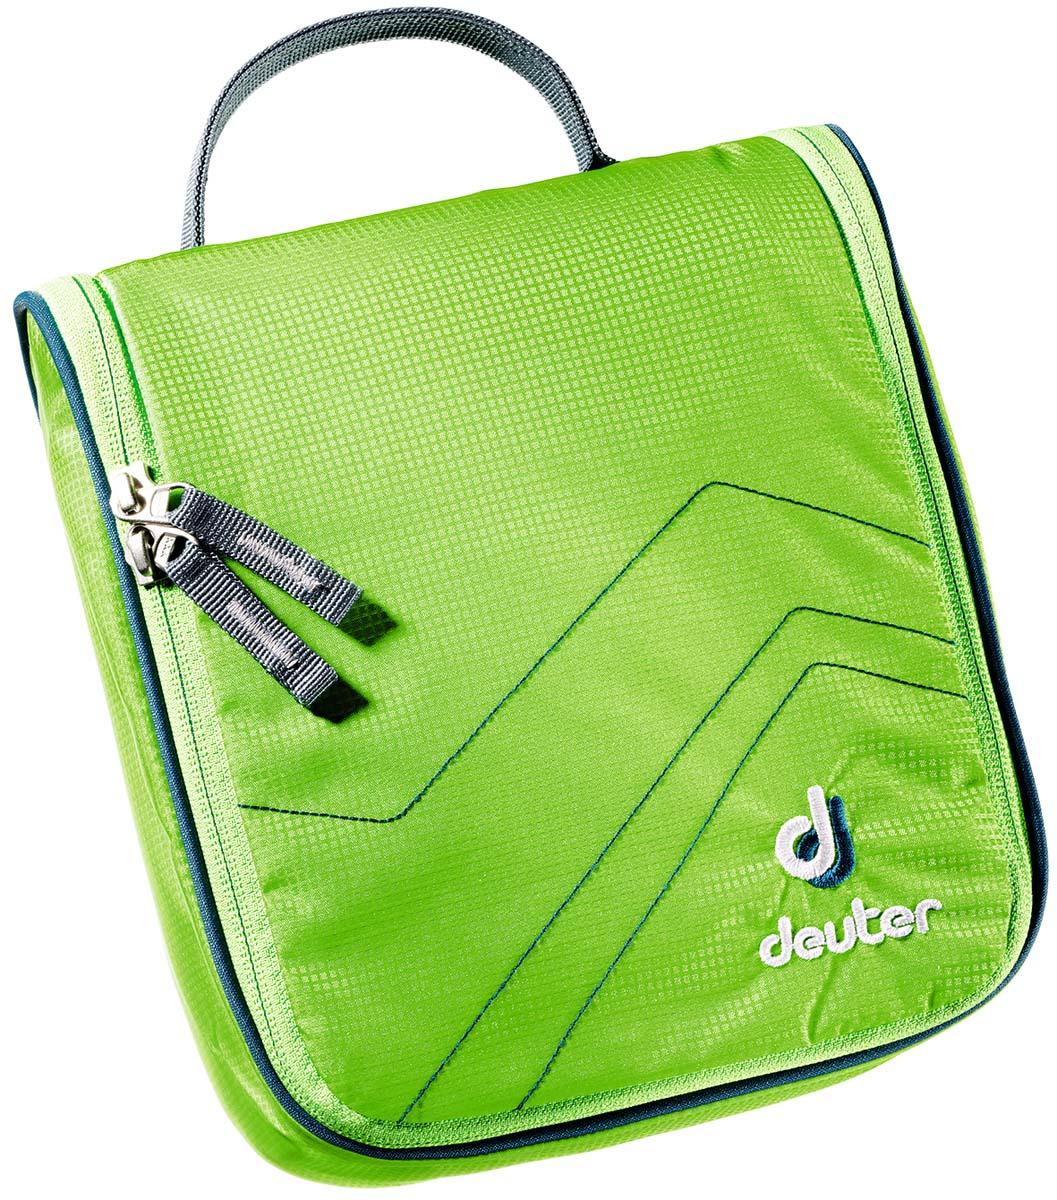 Косметичка Deuter Wash Center I, цвет: светло-зеленый, темно-синий, 22 см х 19 см х 8 см